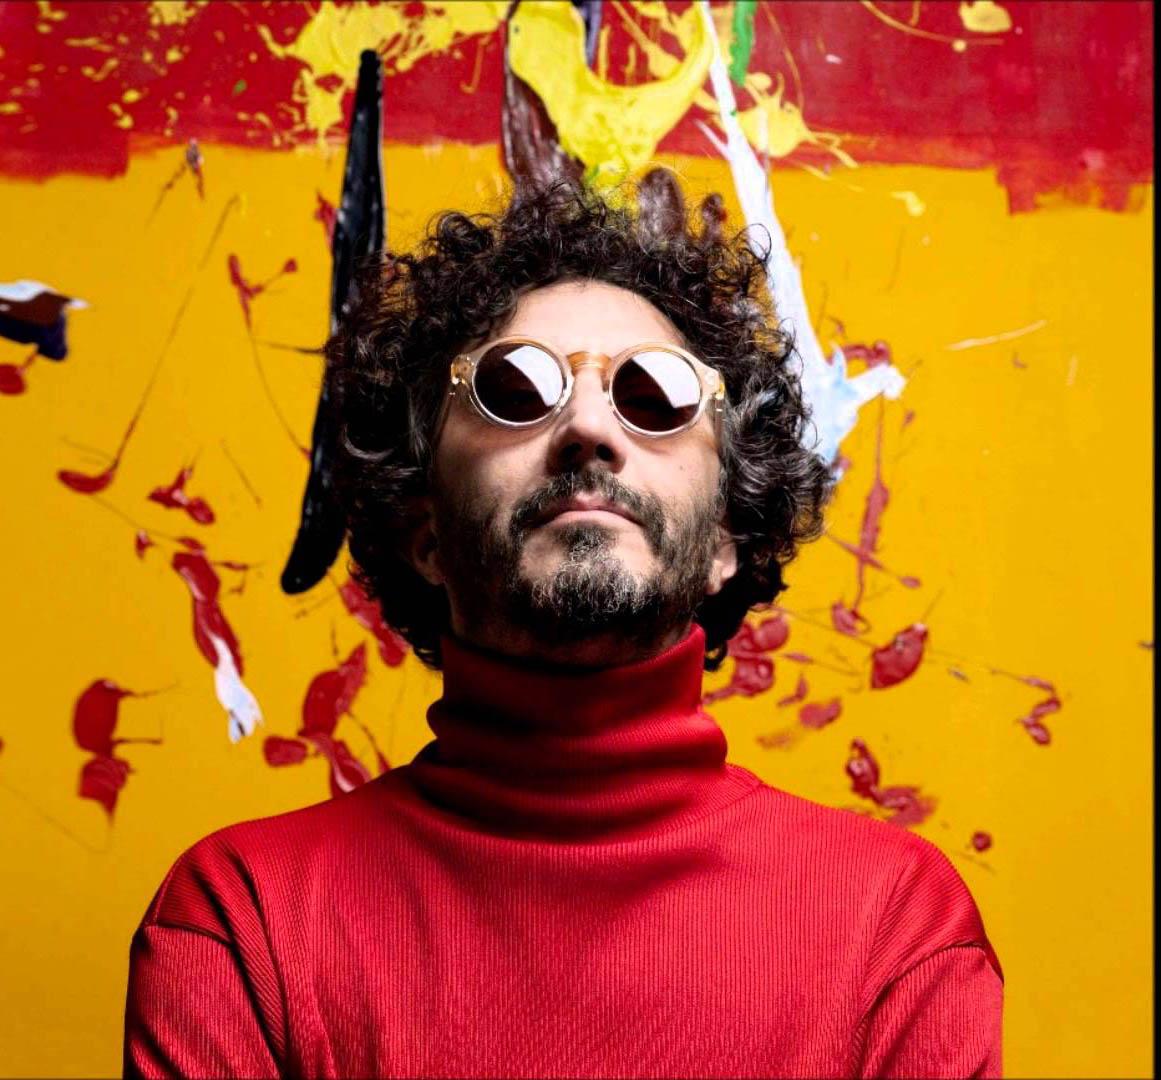 El artista argentino regresa con un nuevo tema, en el que sobra el optimismo